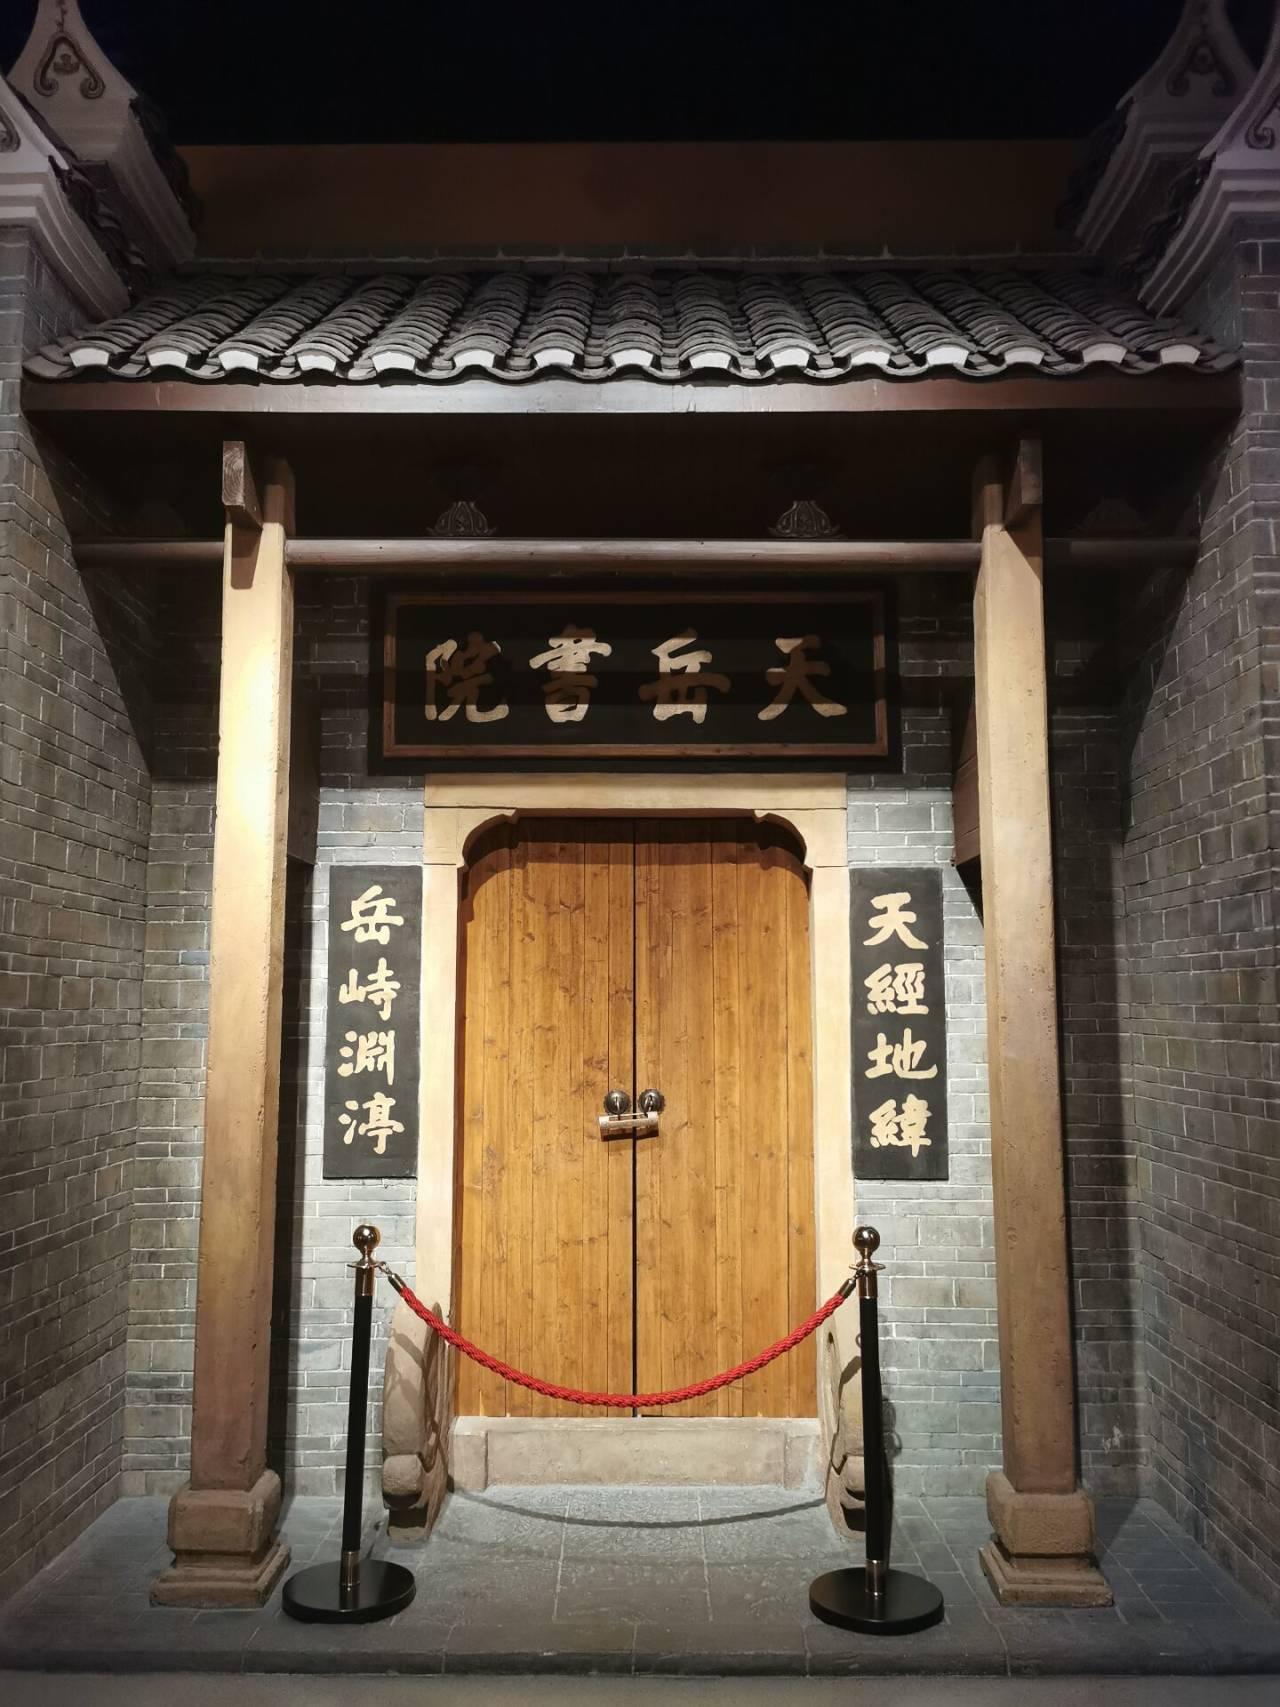 井冈山之博物馆景物画面12.jpg